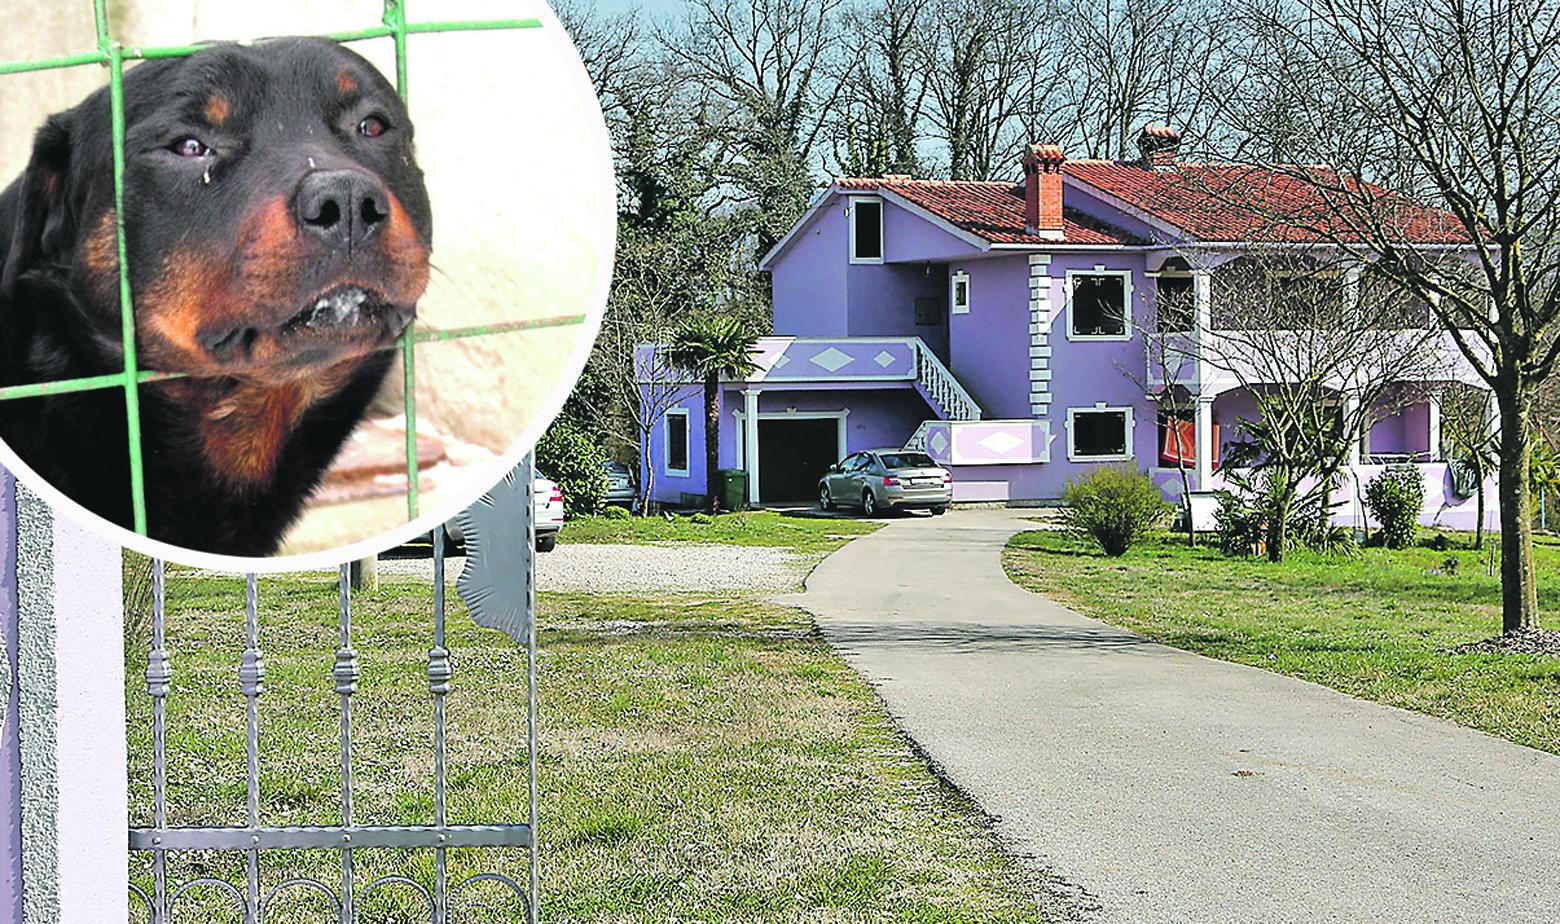 Kuća vlasnika psa i ilustracija rotvajlera u krugu